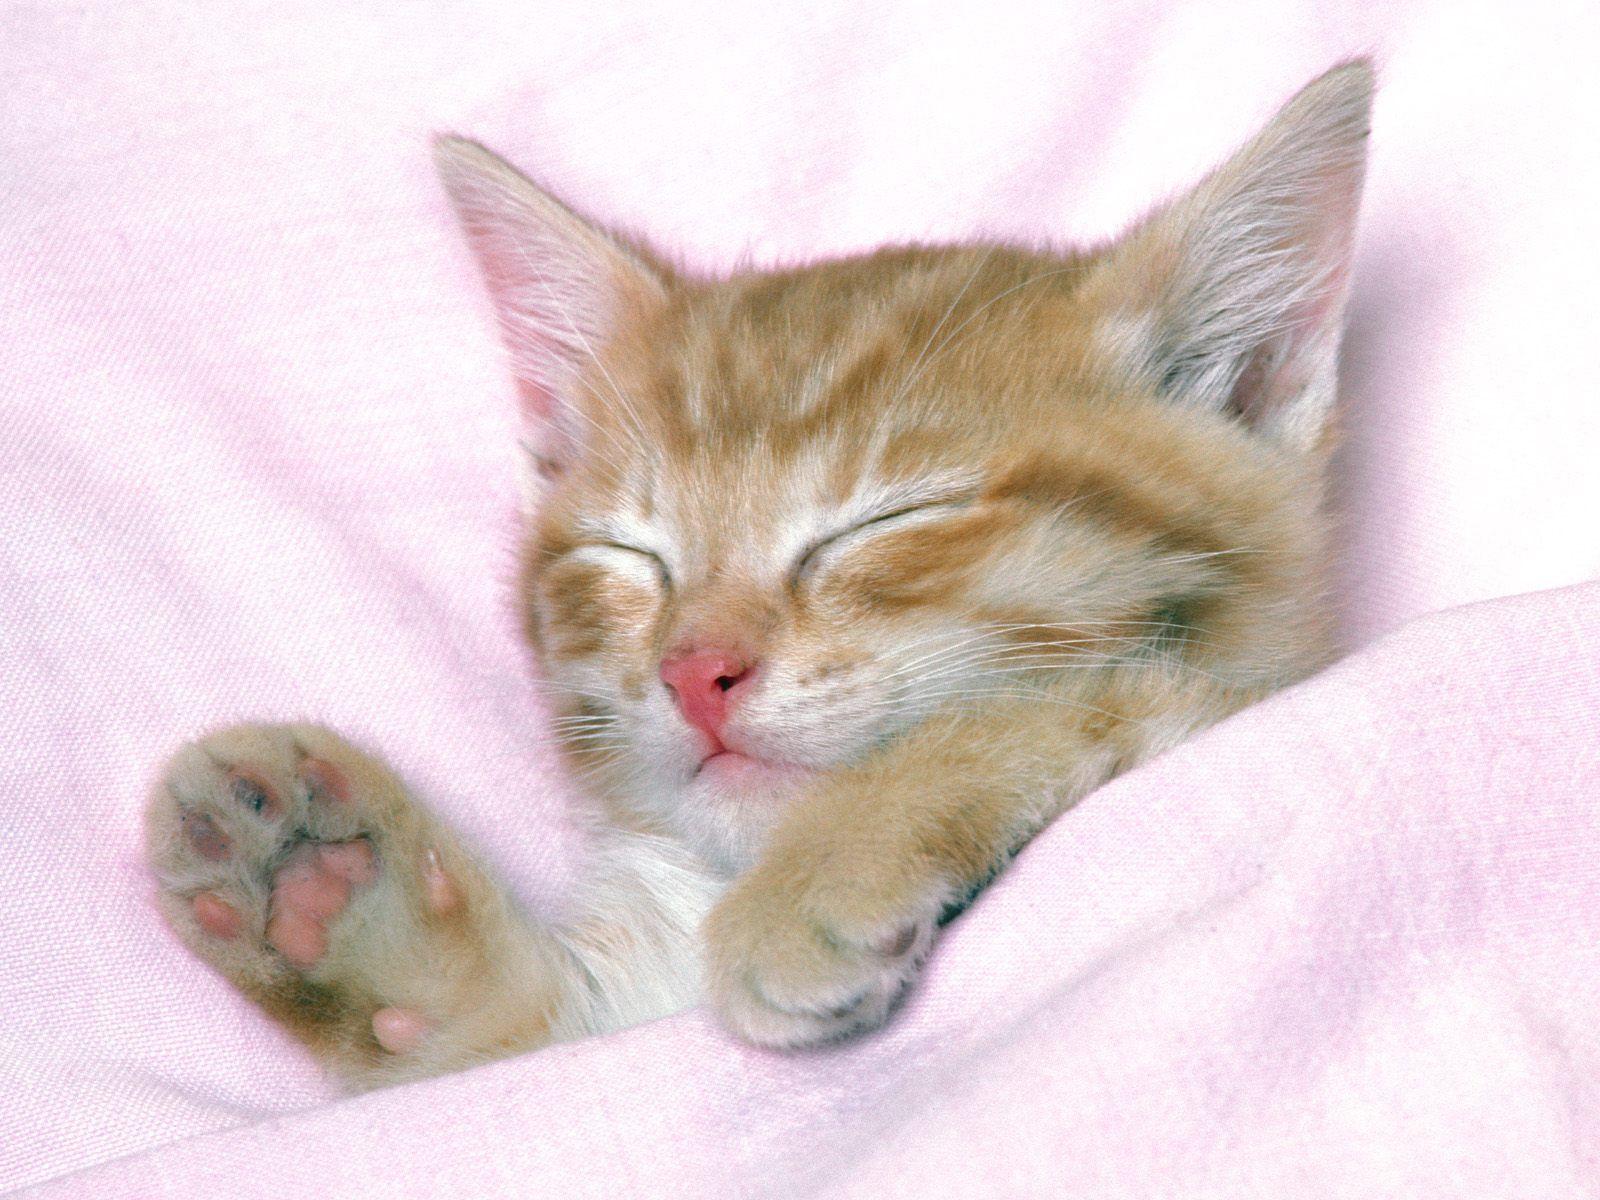 So Sweet Sleeping Kitten Cute Cats Kittens Cutest